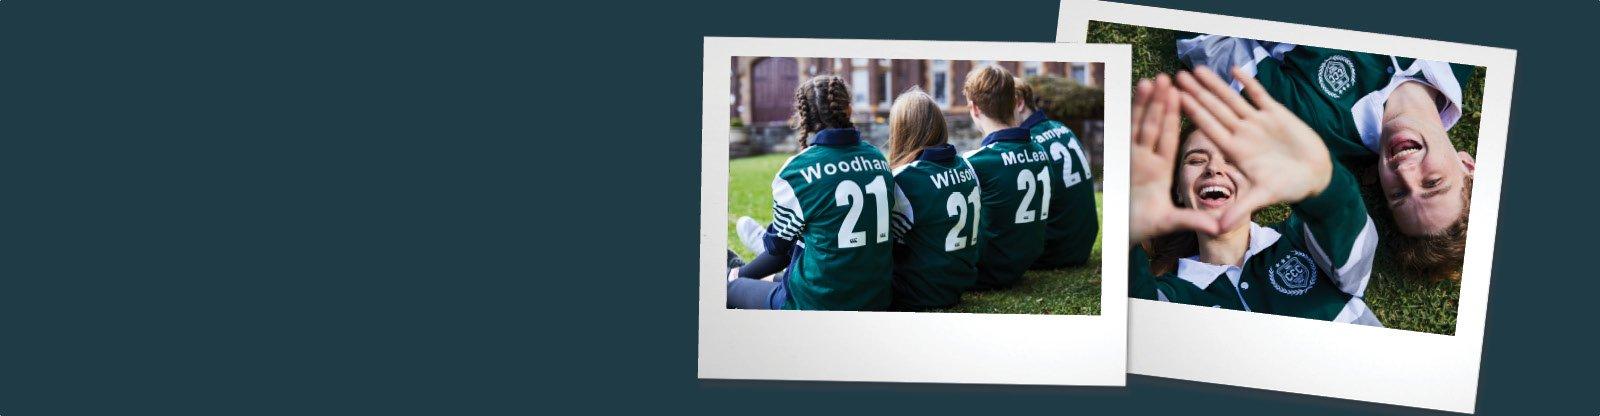 Teamwear HP_final no word_NZ.jpg